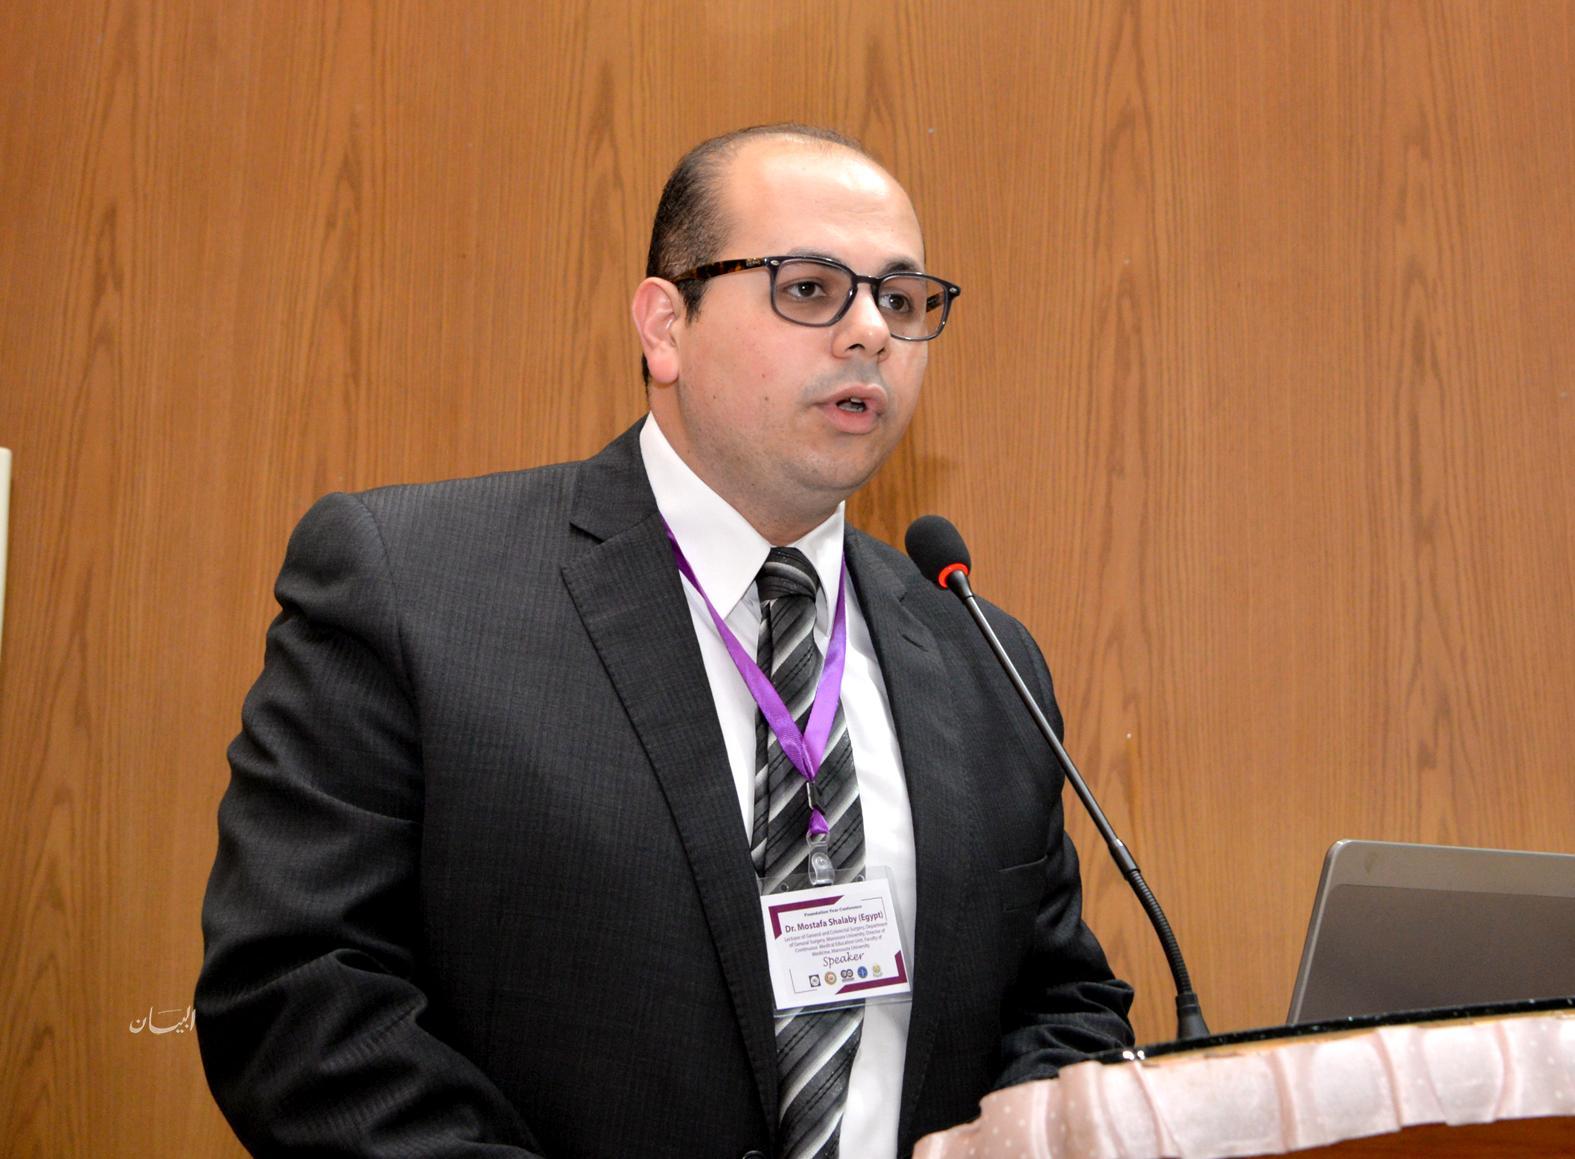 بالصور : افتتاح المؤتمر الأول لشباب الأطباء وحديثى التخرج بكلية الطب جامعة المنصورة